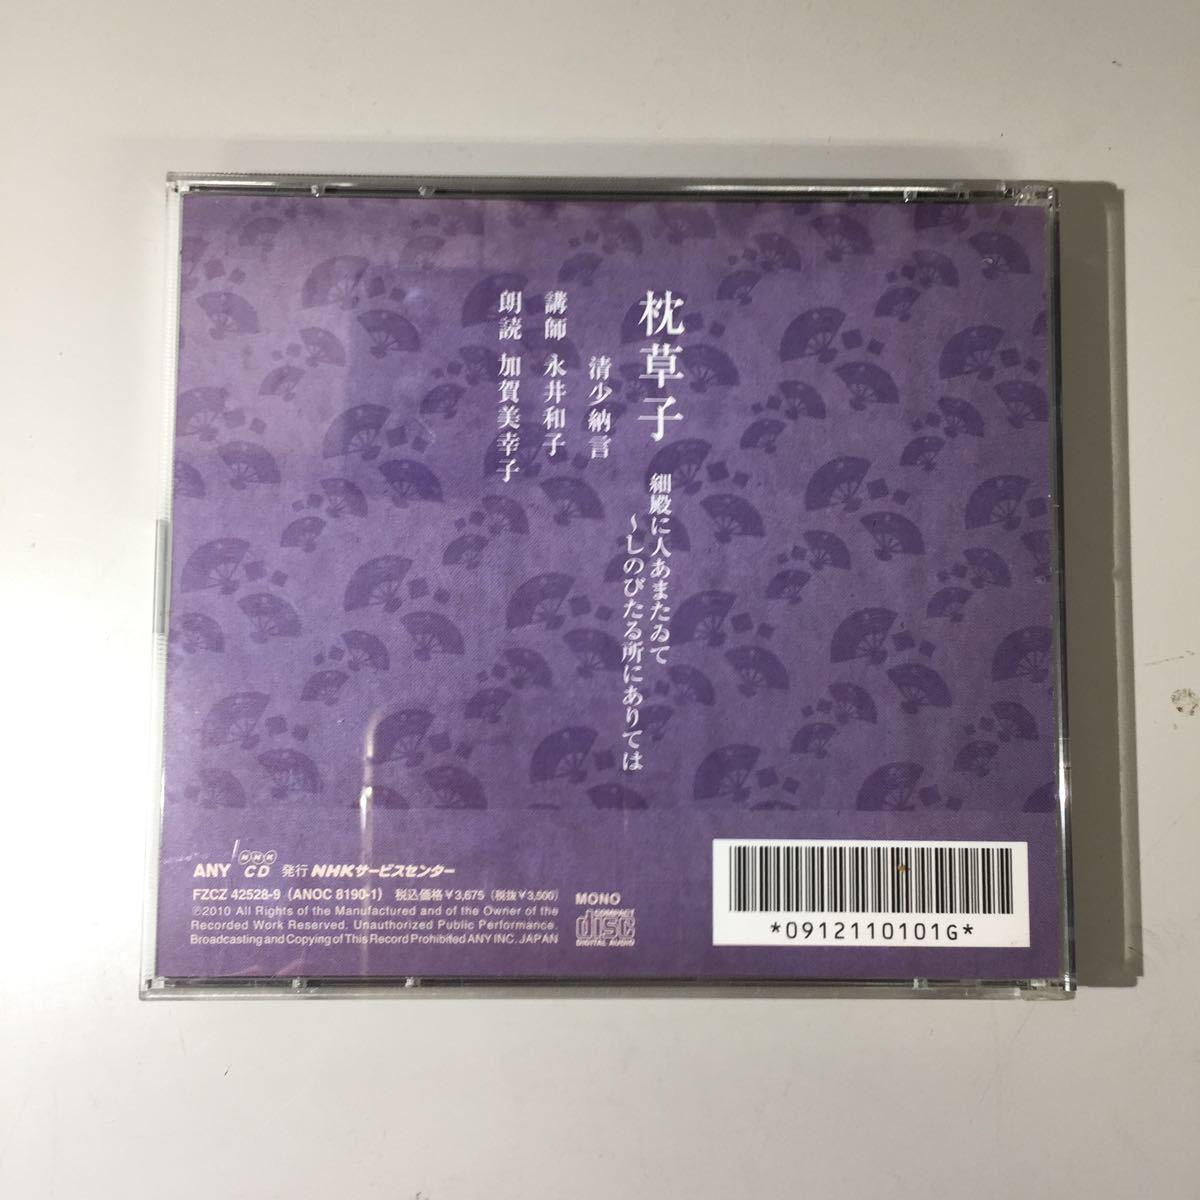 枕草子CD 細殿に人あまたえて しのびたる所にありては 清少納言 二枚組_画像4